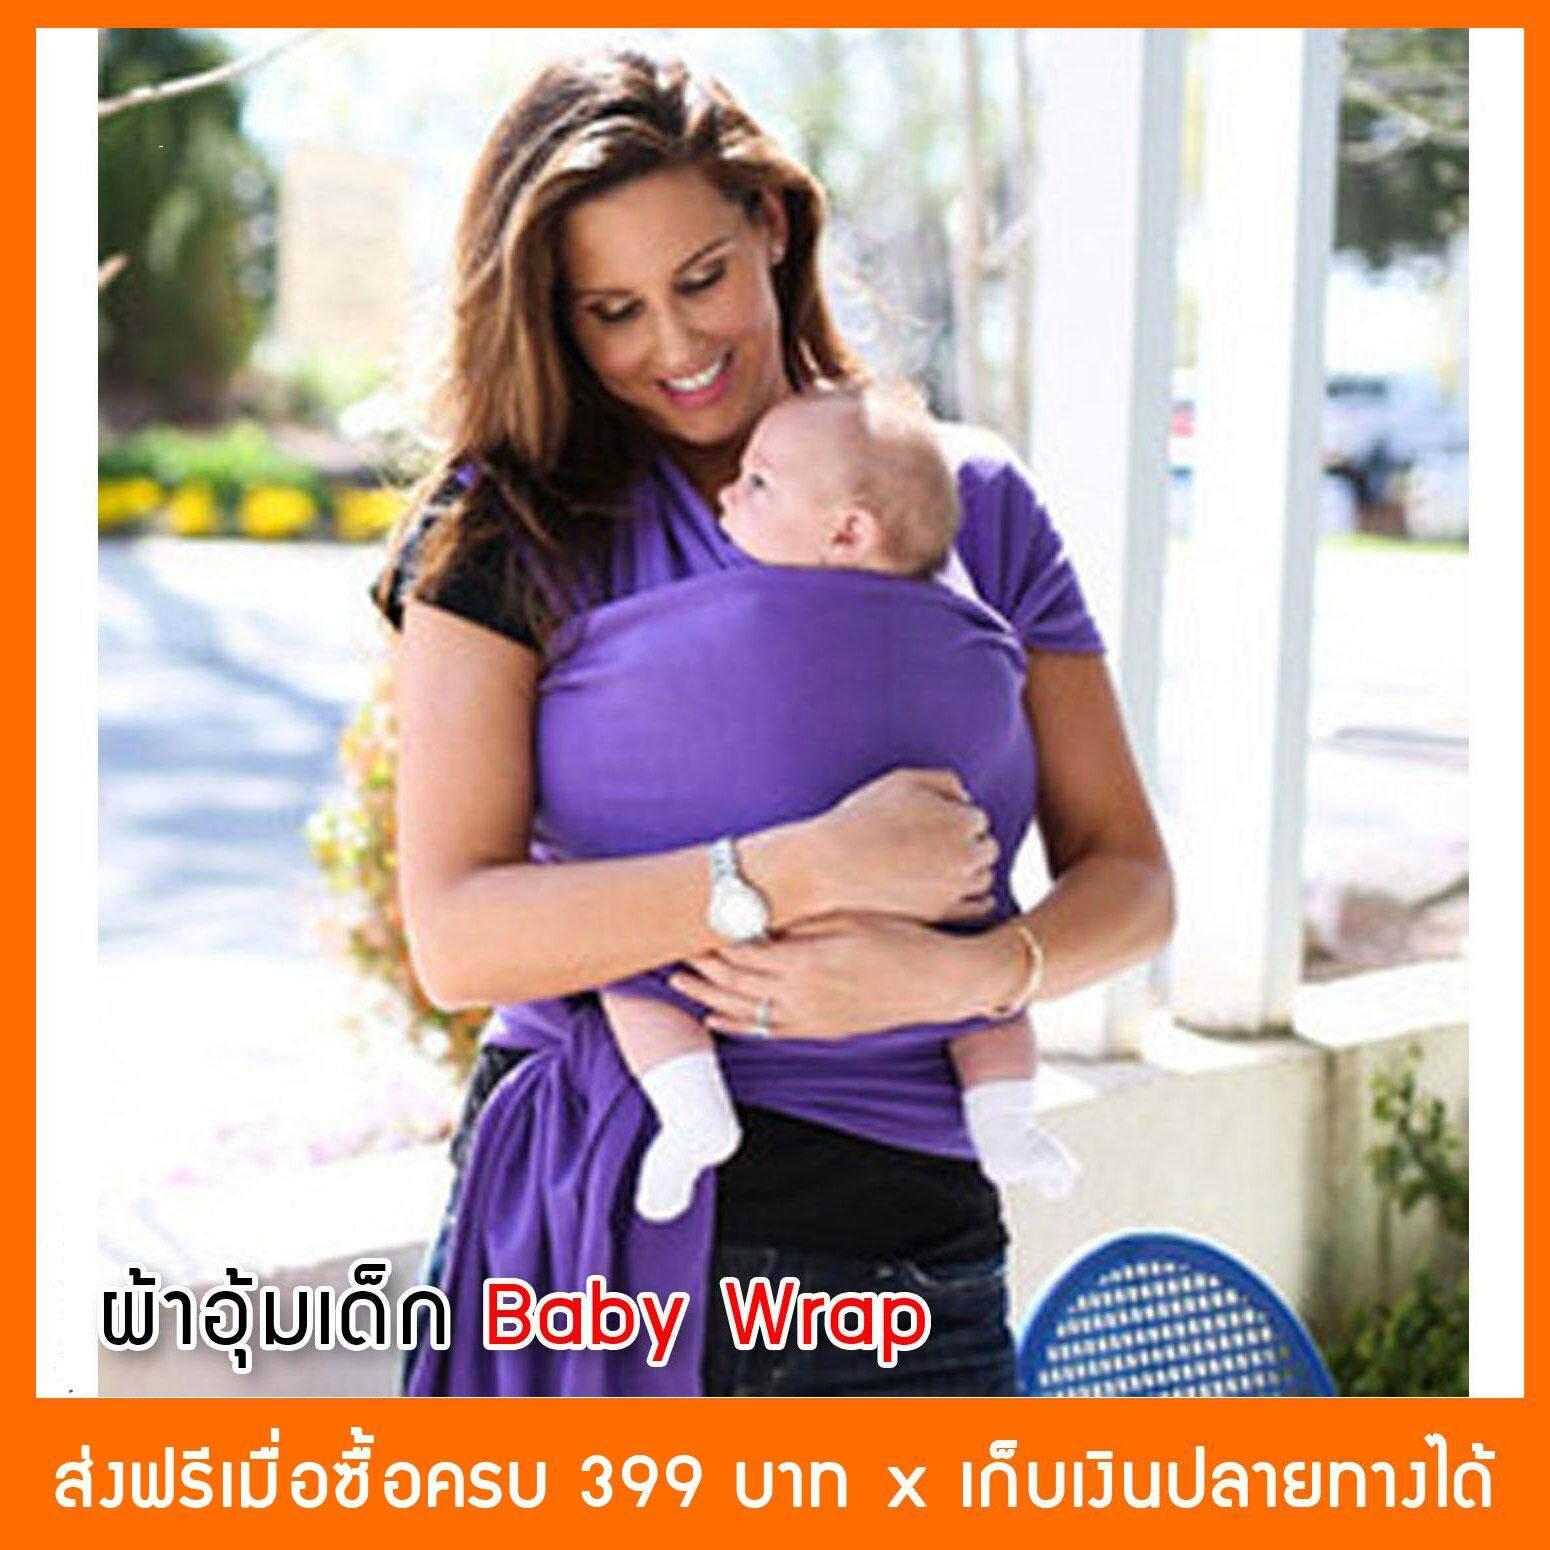 ผ้าอุ้มทารก เป้ผ้าอุ้มเด็ก YuHua Baby Wrap เบาสบาย กระจายน้ำหนัก